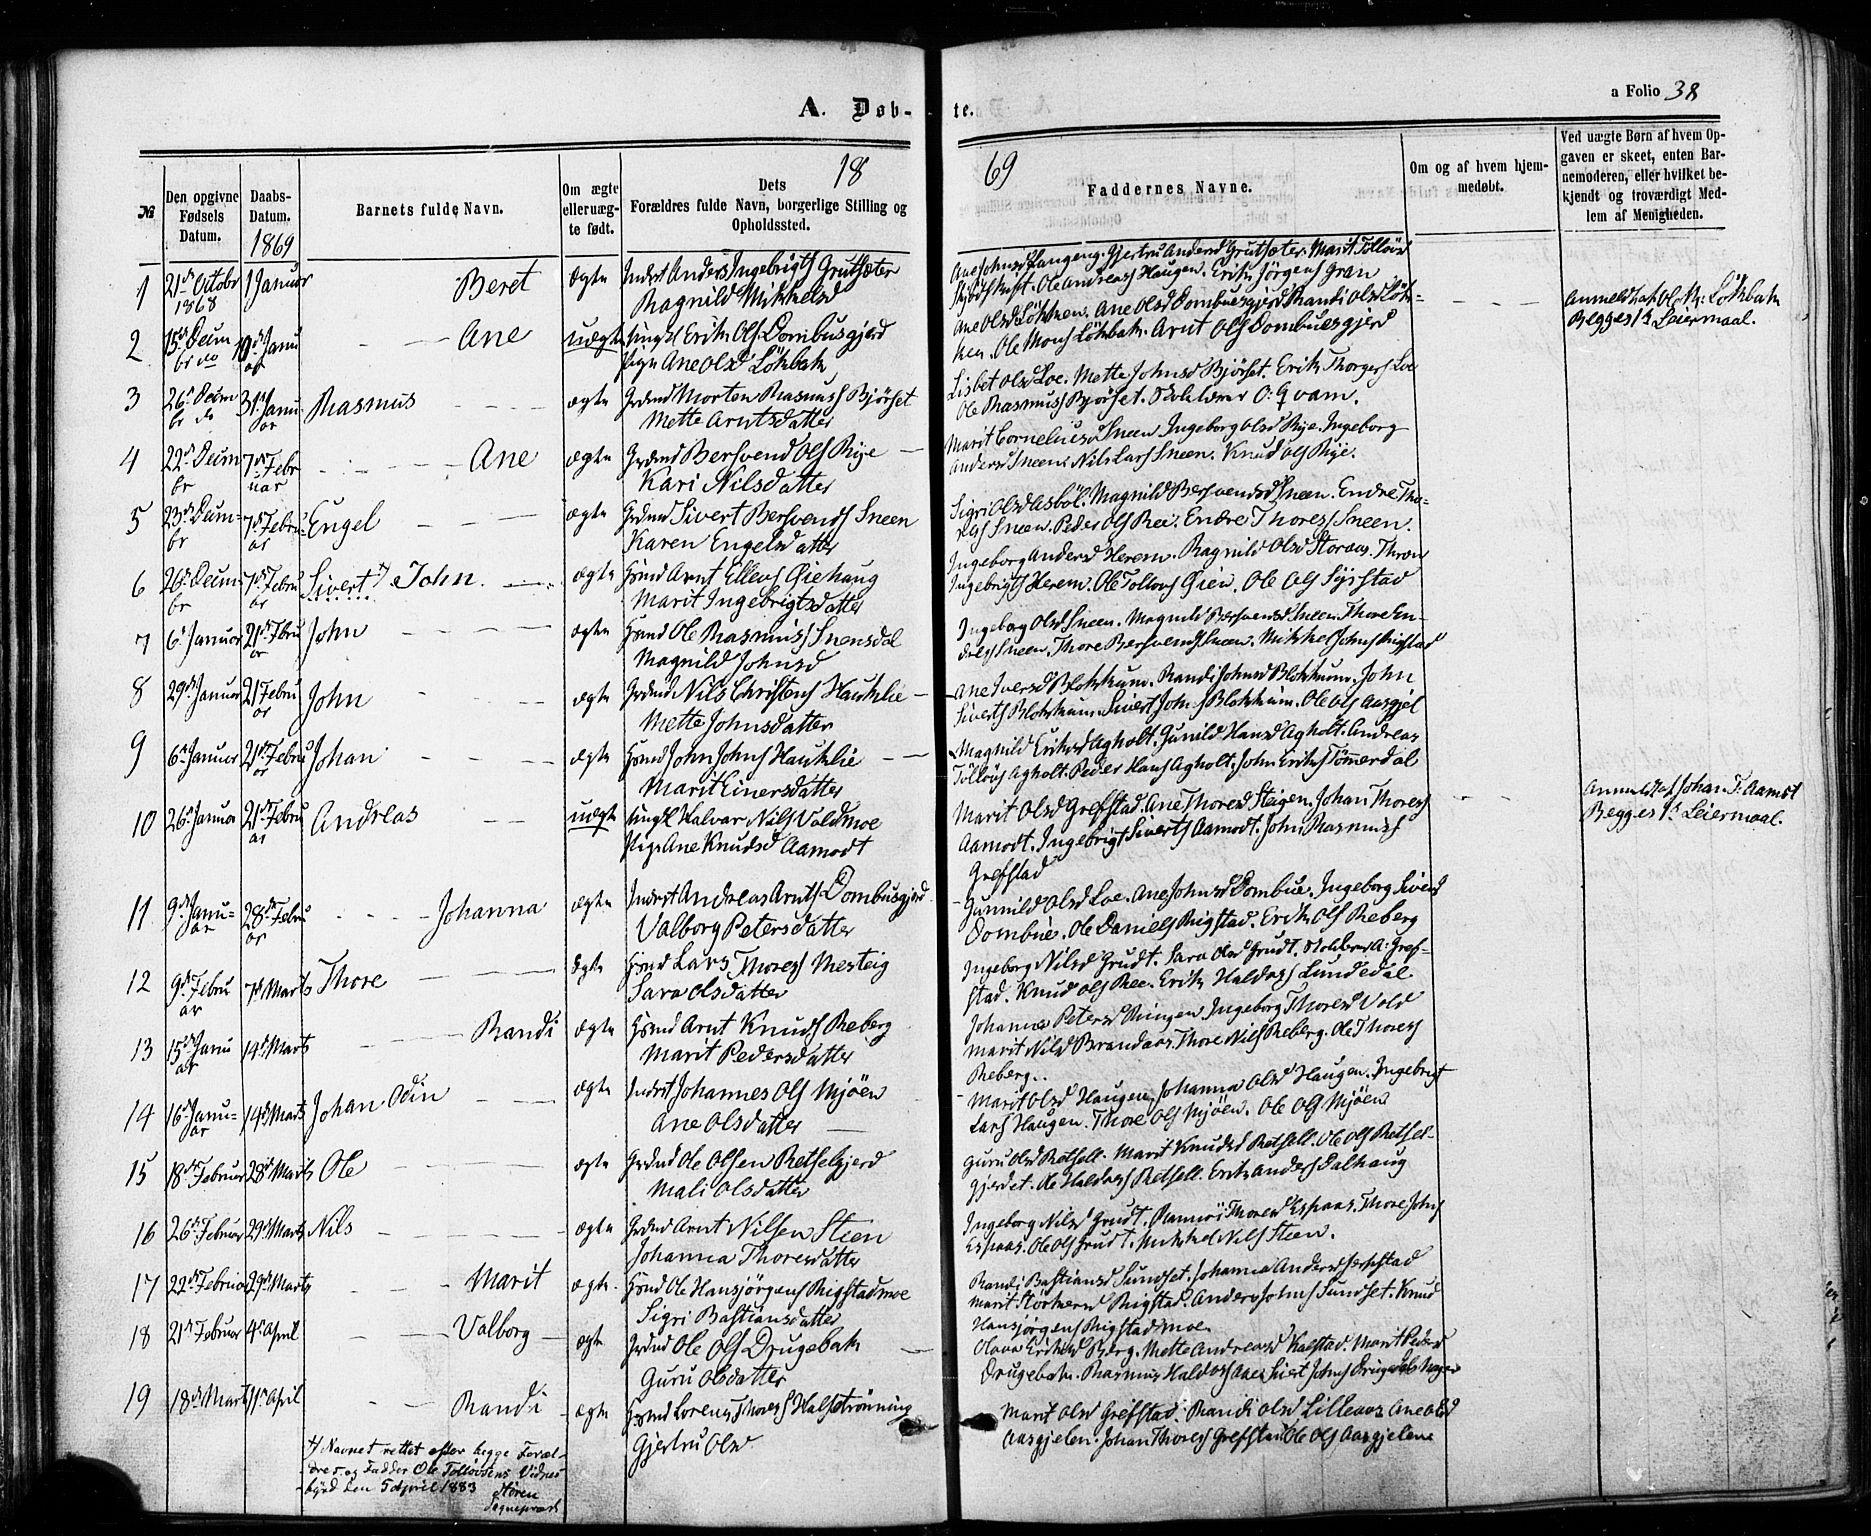 SAT, Ministerialprotokoller, klokkerbøker og fødselsregistre - Sør-Trøndelag, 672/L0856: Ministerialbok nr. 672A08, 1861-1881, s. 38